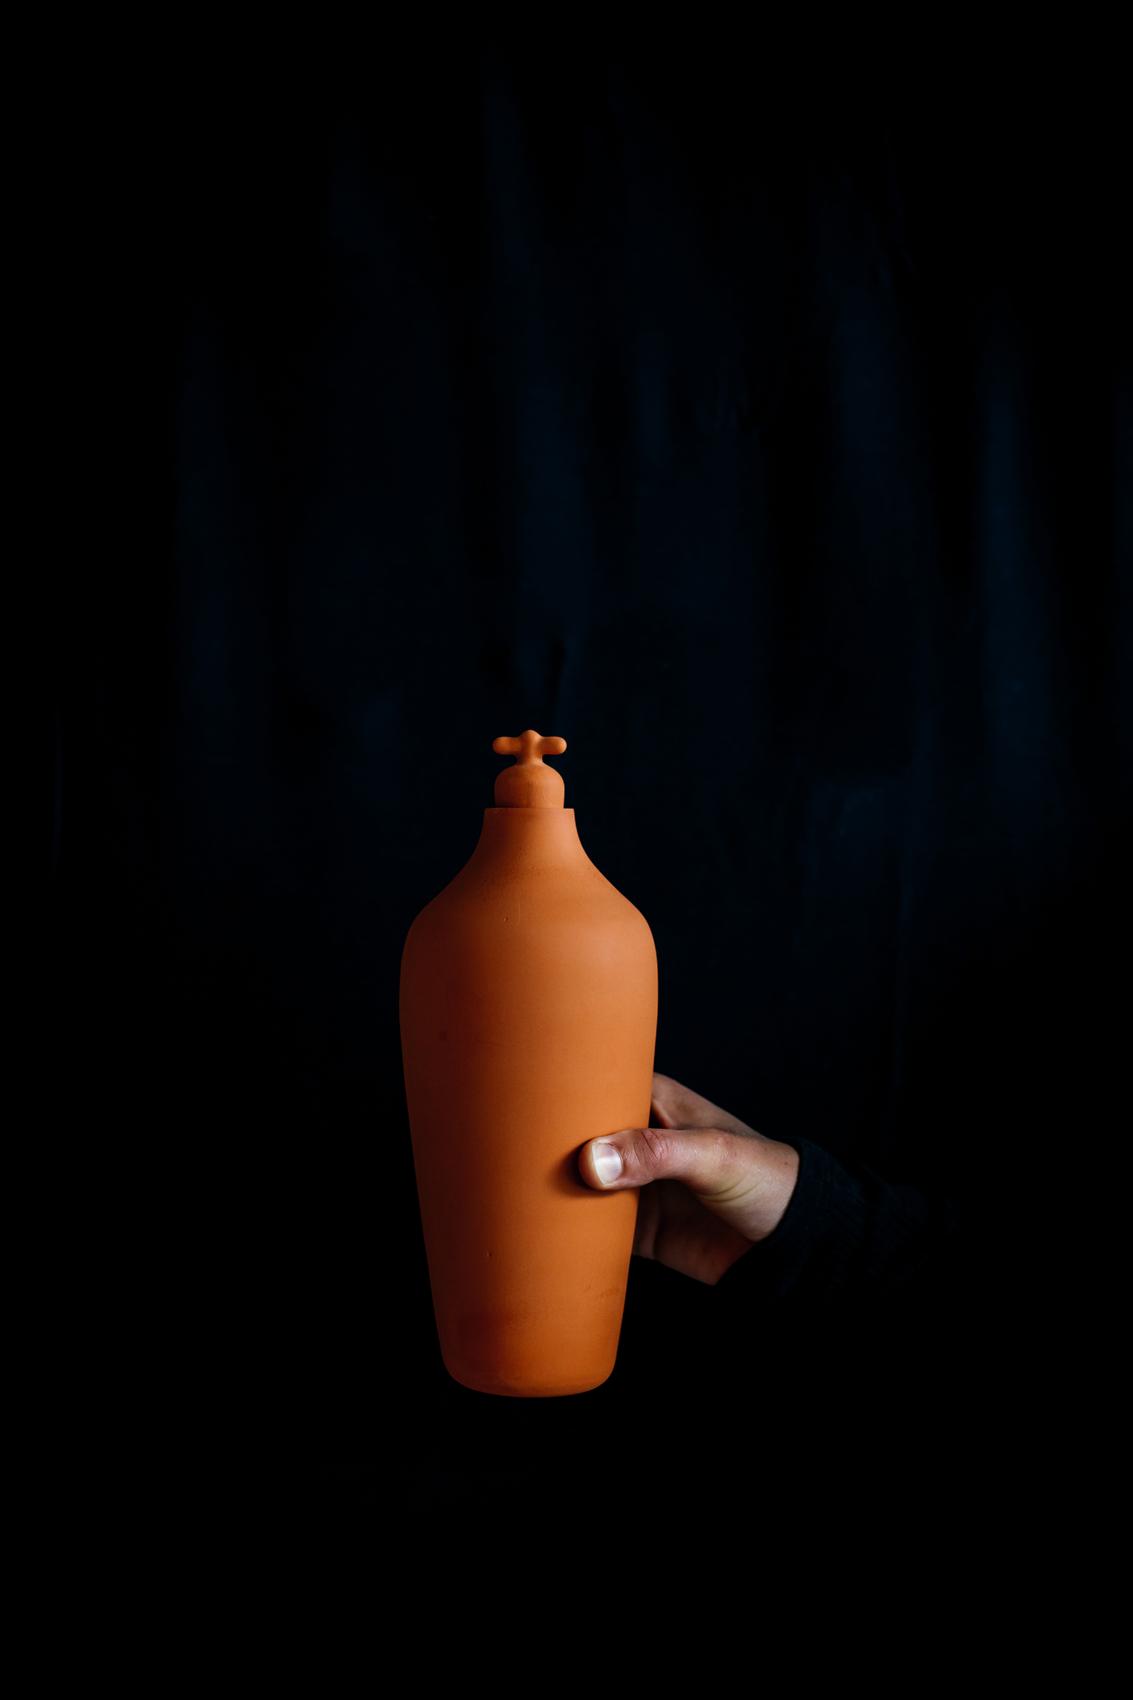 Vij5 Tap Water Carafe Karaf In Gebruik Image By Ingrid Hofstra